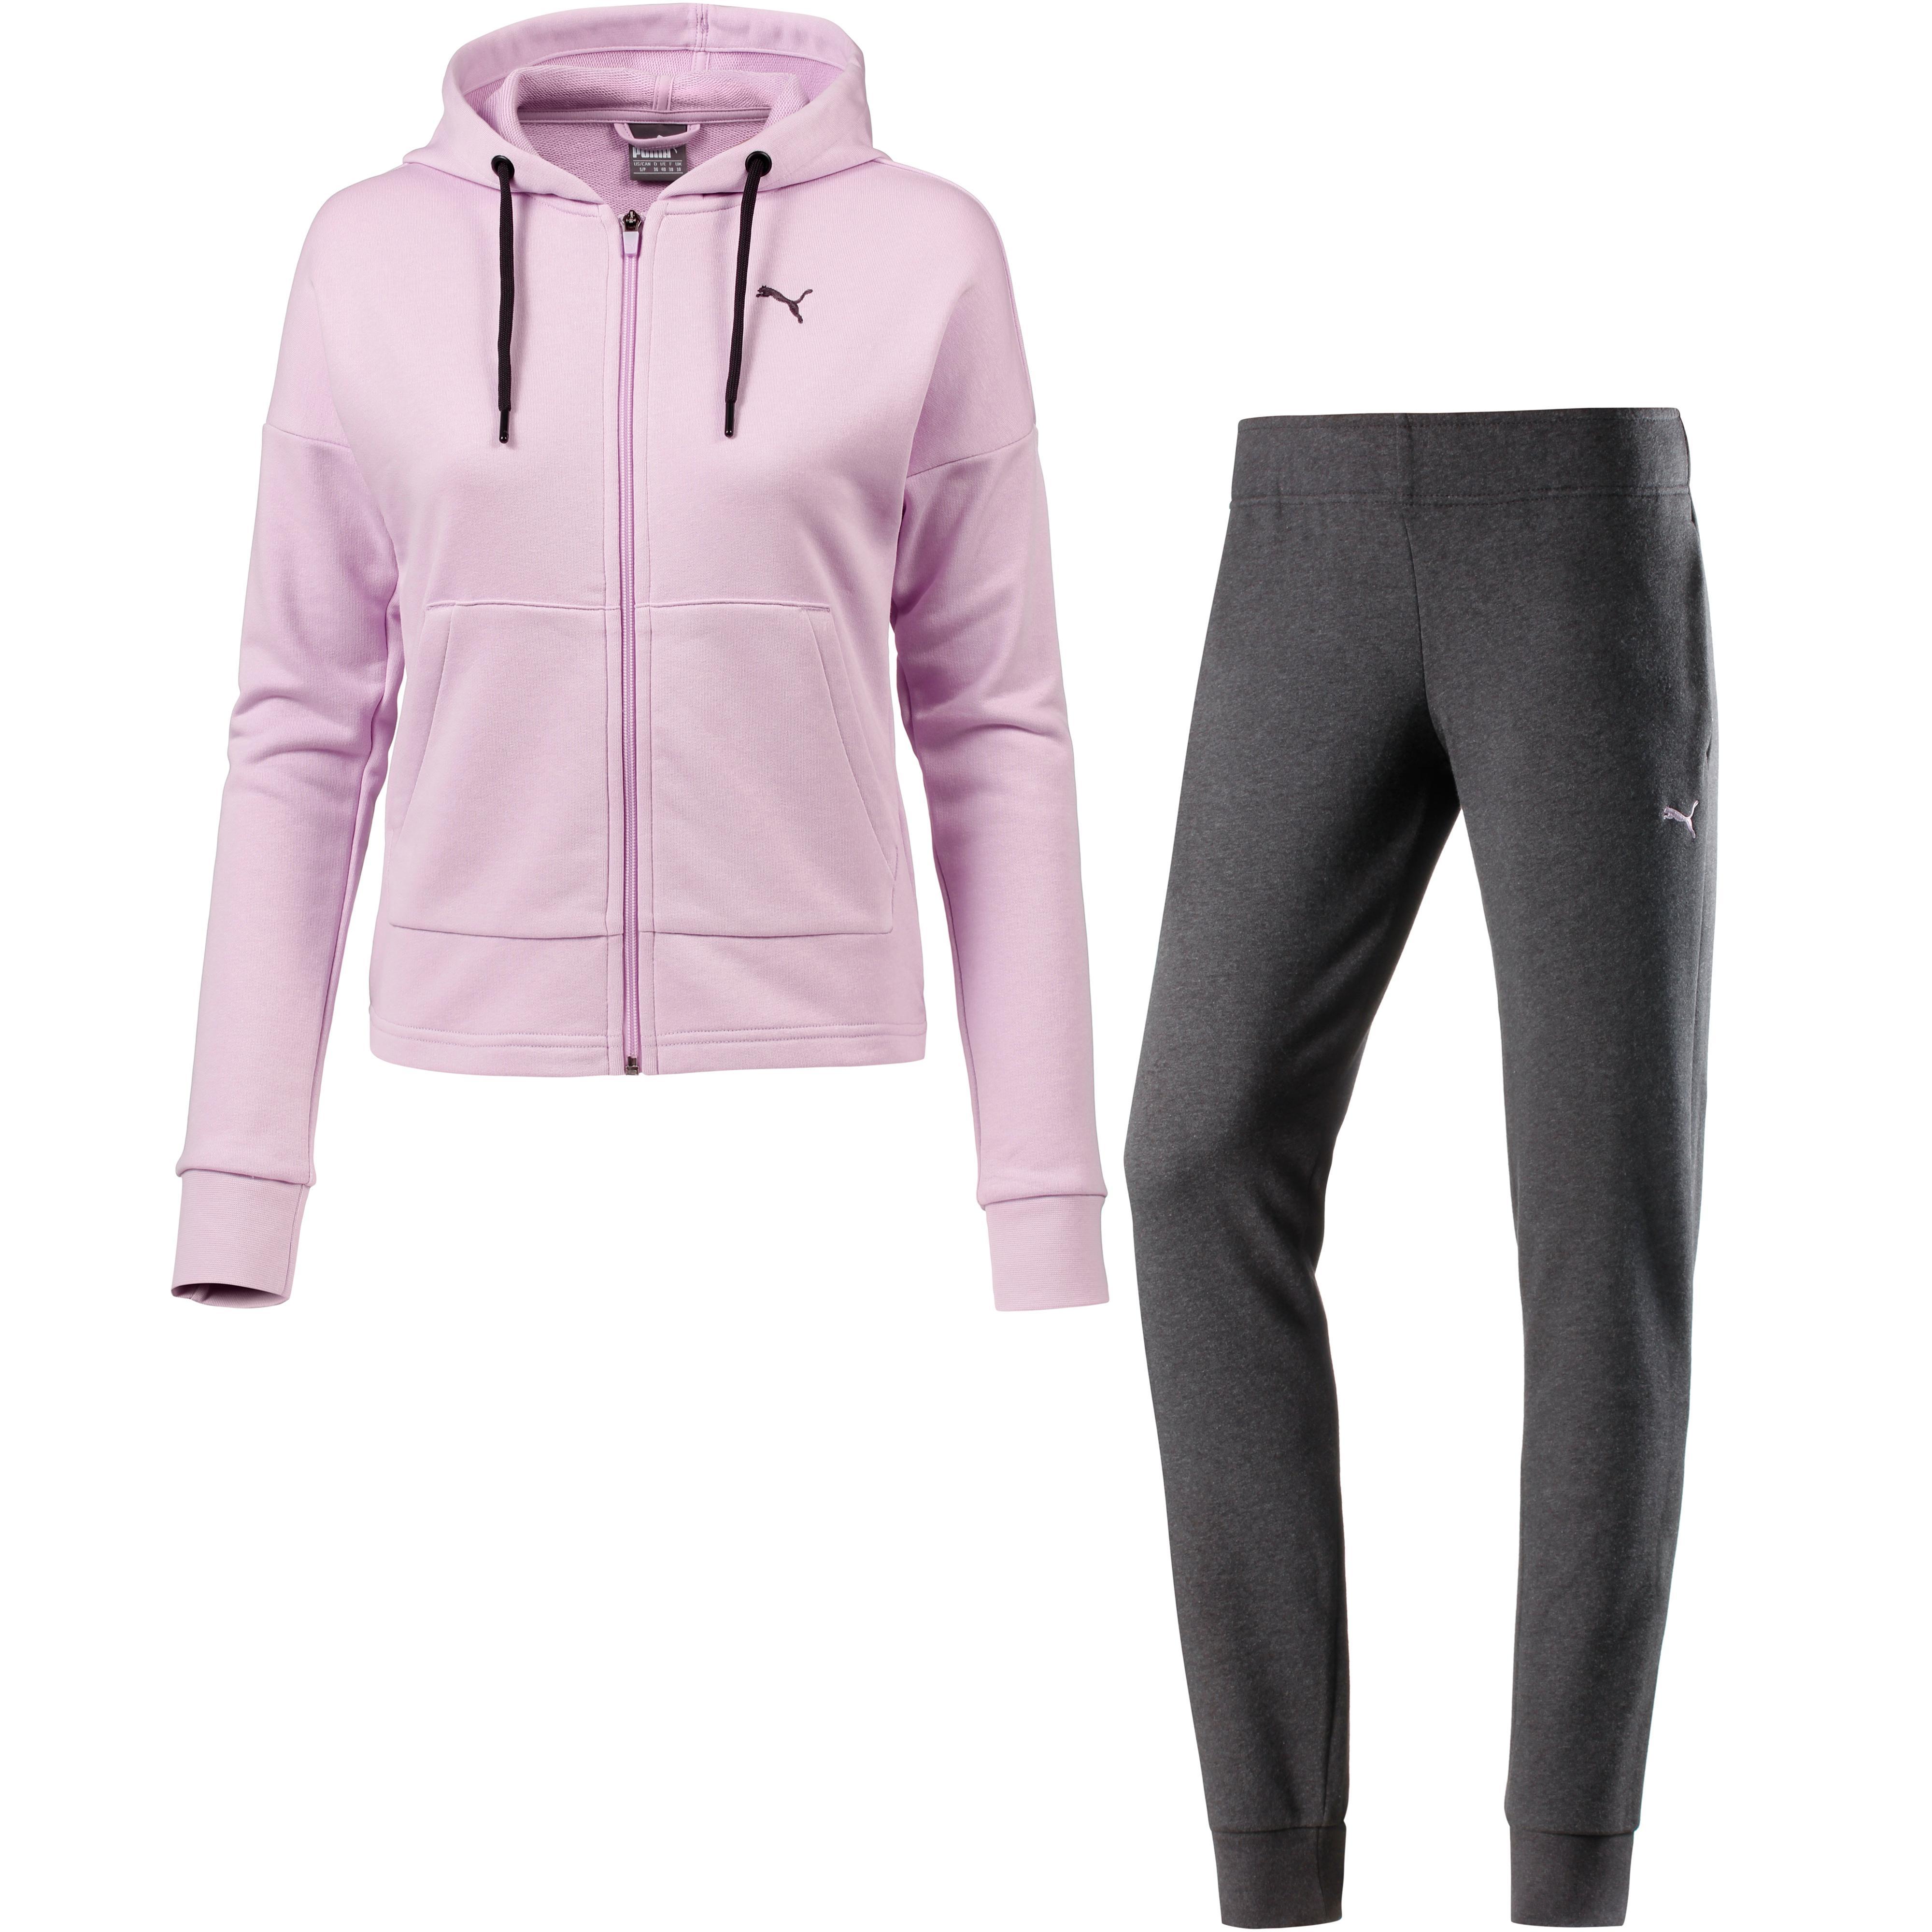 PUMA Classic Trainingsanzug Damen winsome orchid-dark gray heather im Online Shop von SportScheck kaufen